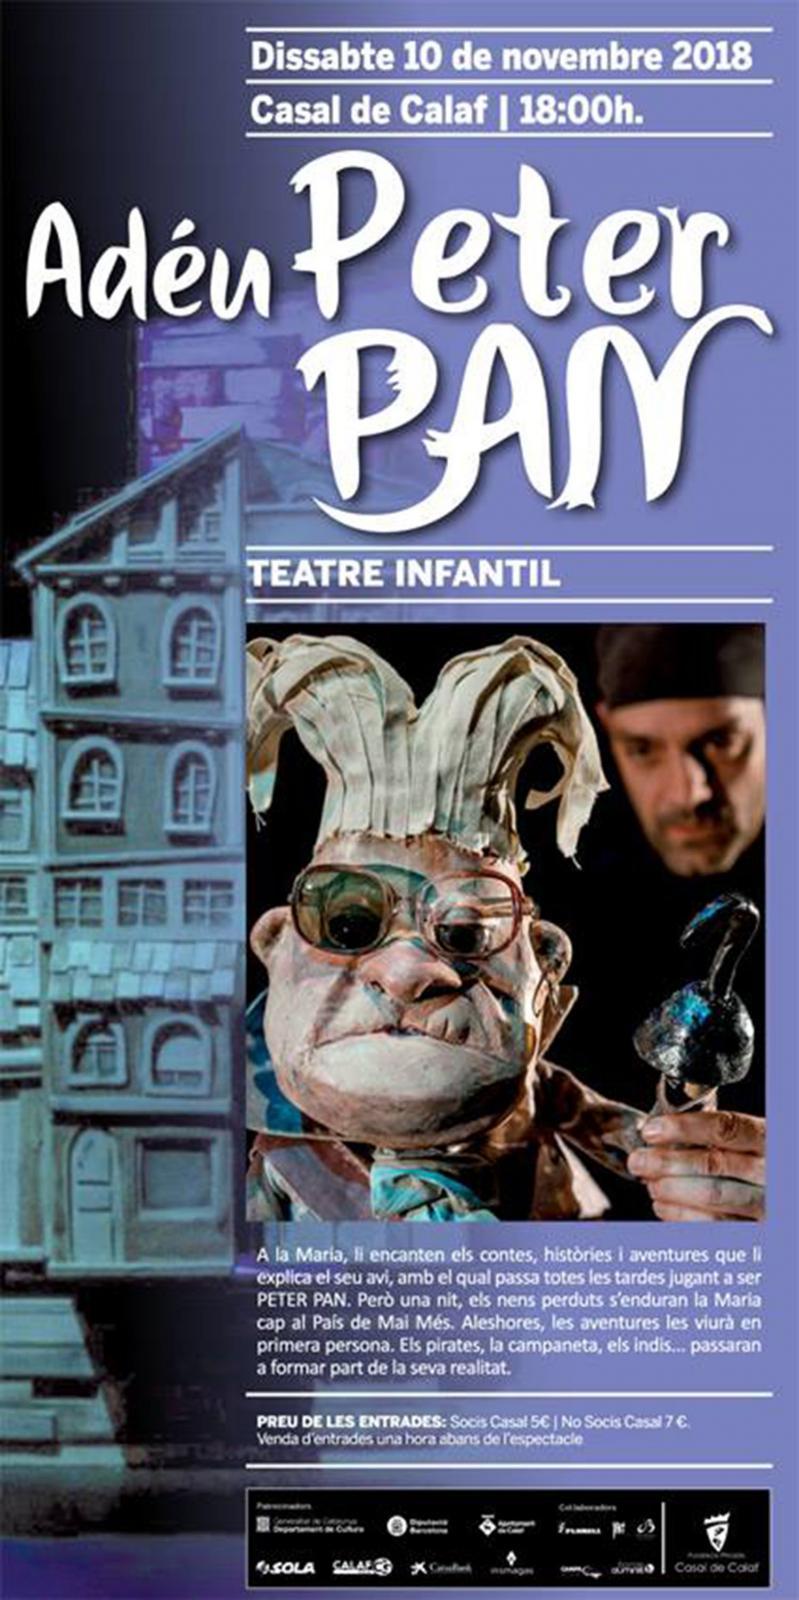 Teatre Infantil 'Adéu, Peter Pan'